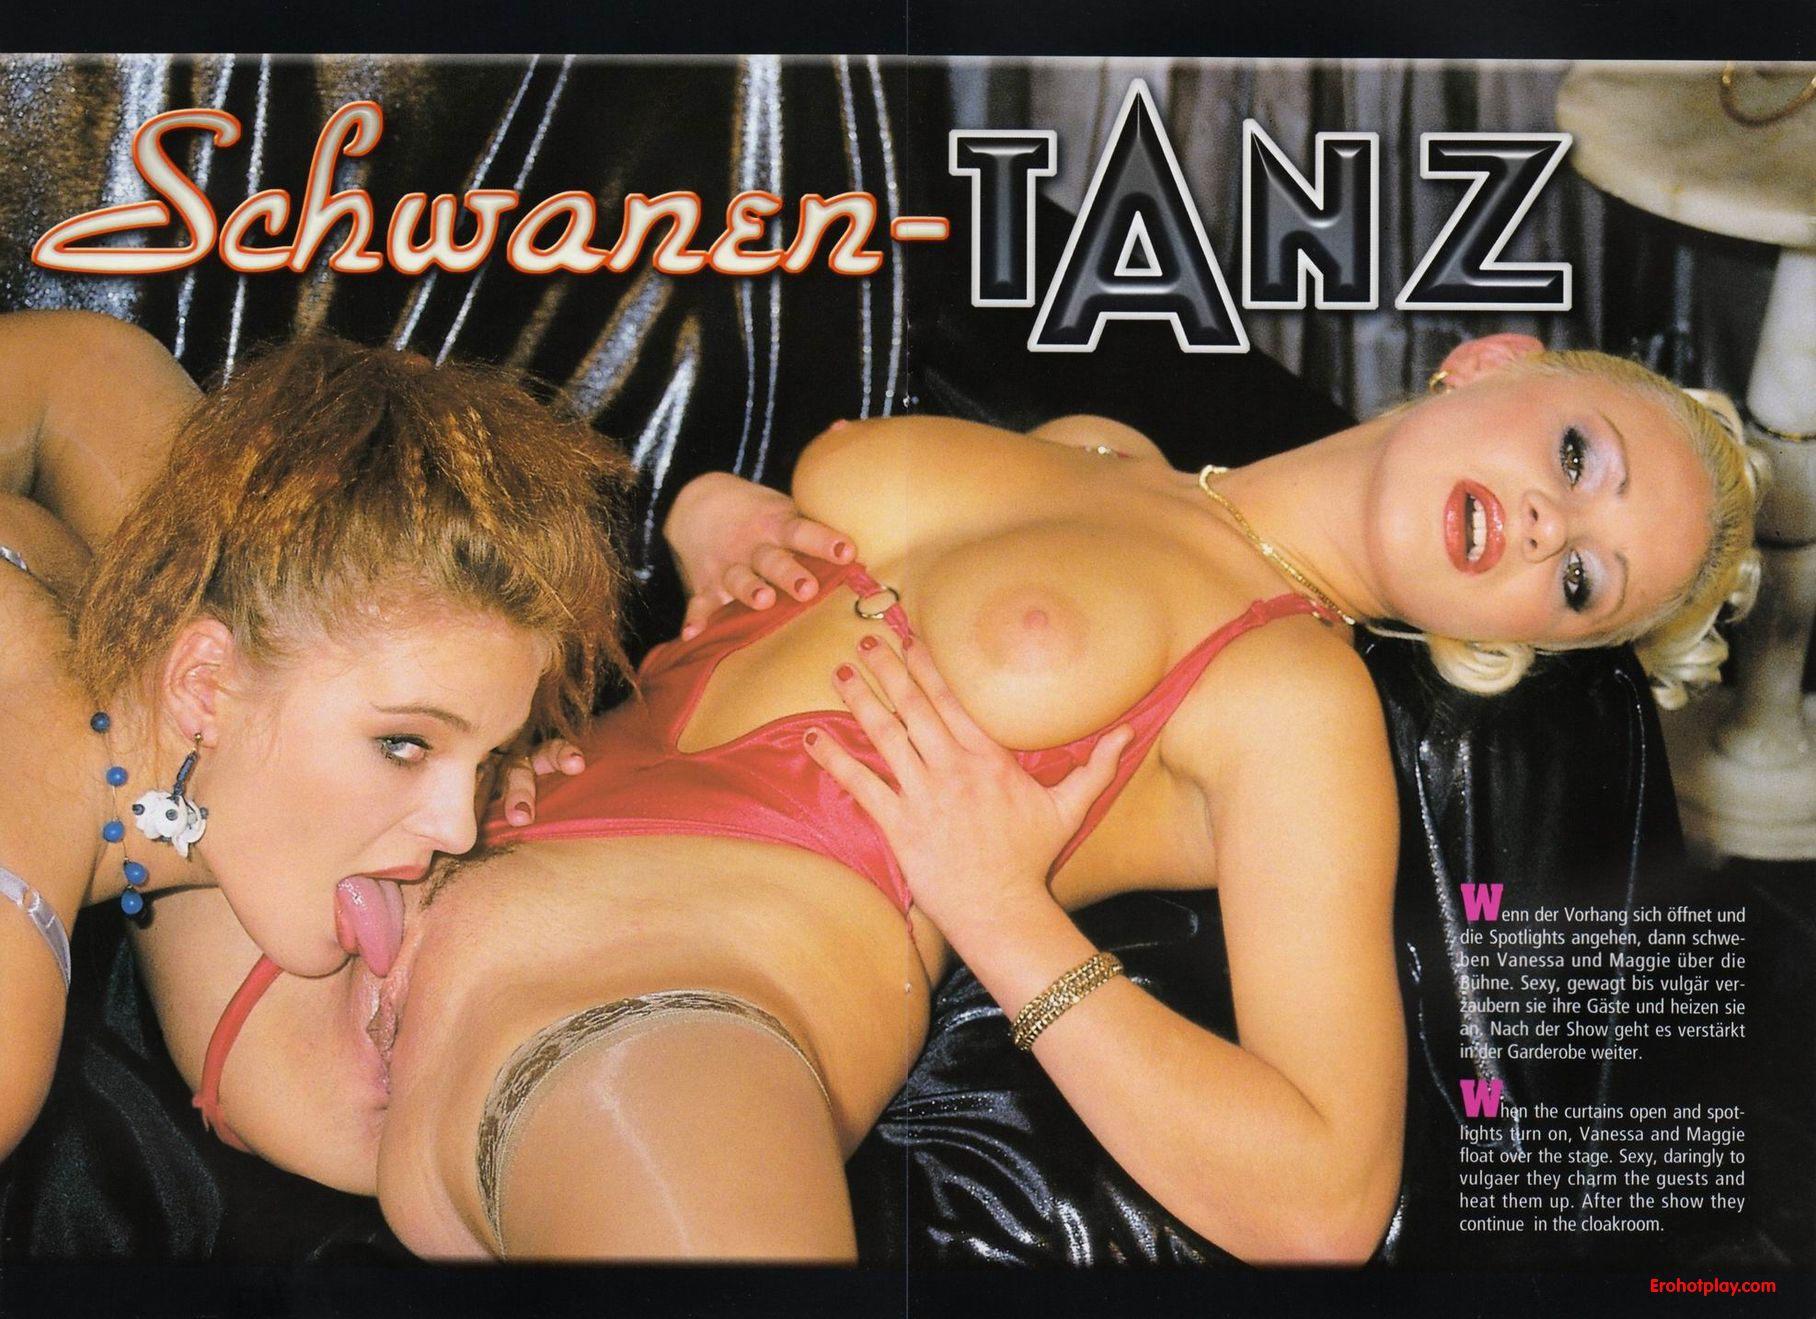 германские порно журналы